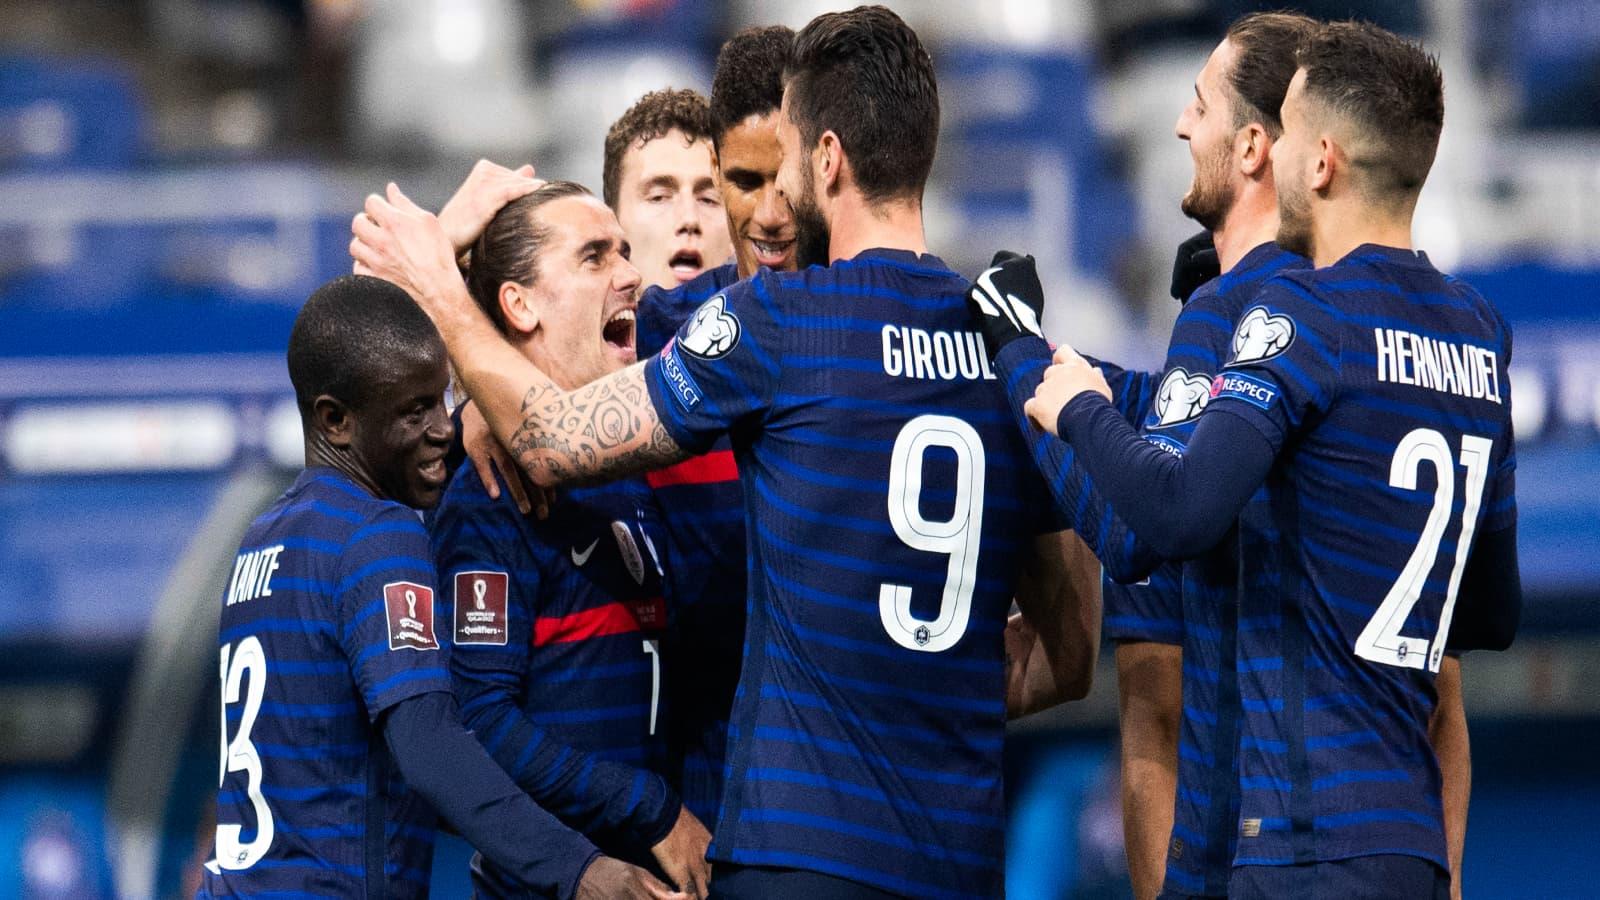 Tous les matchs de l'Euro 2021 sont sur beIN SPORTS